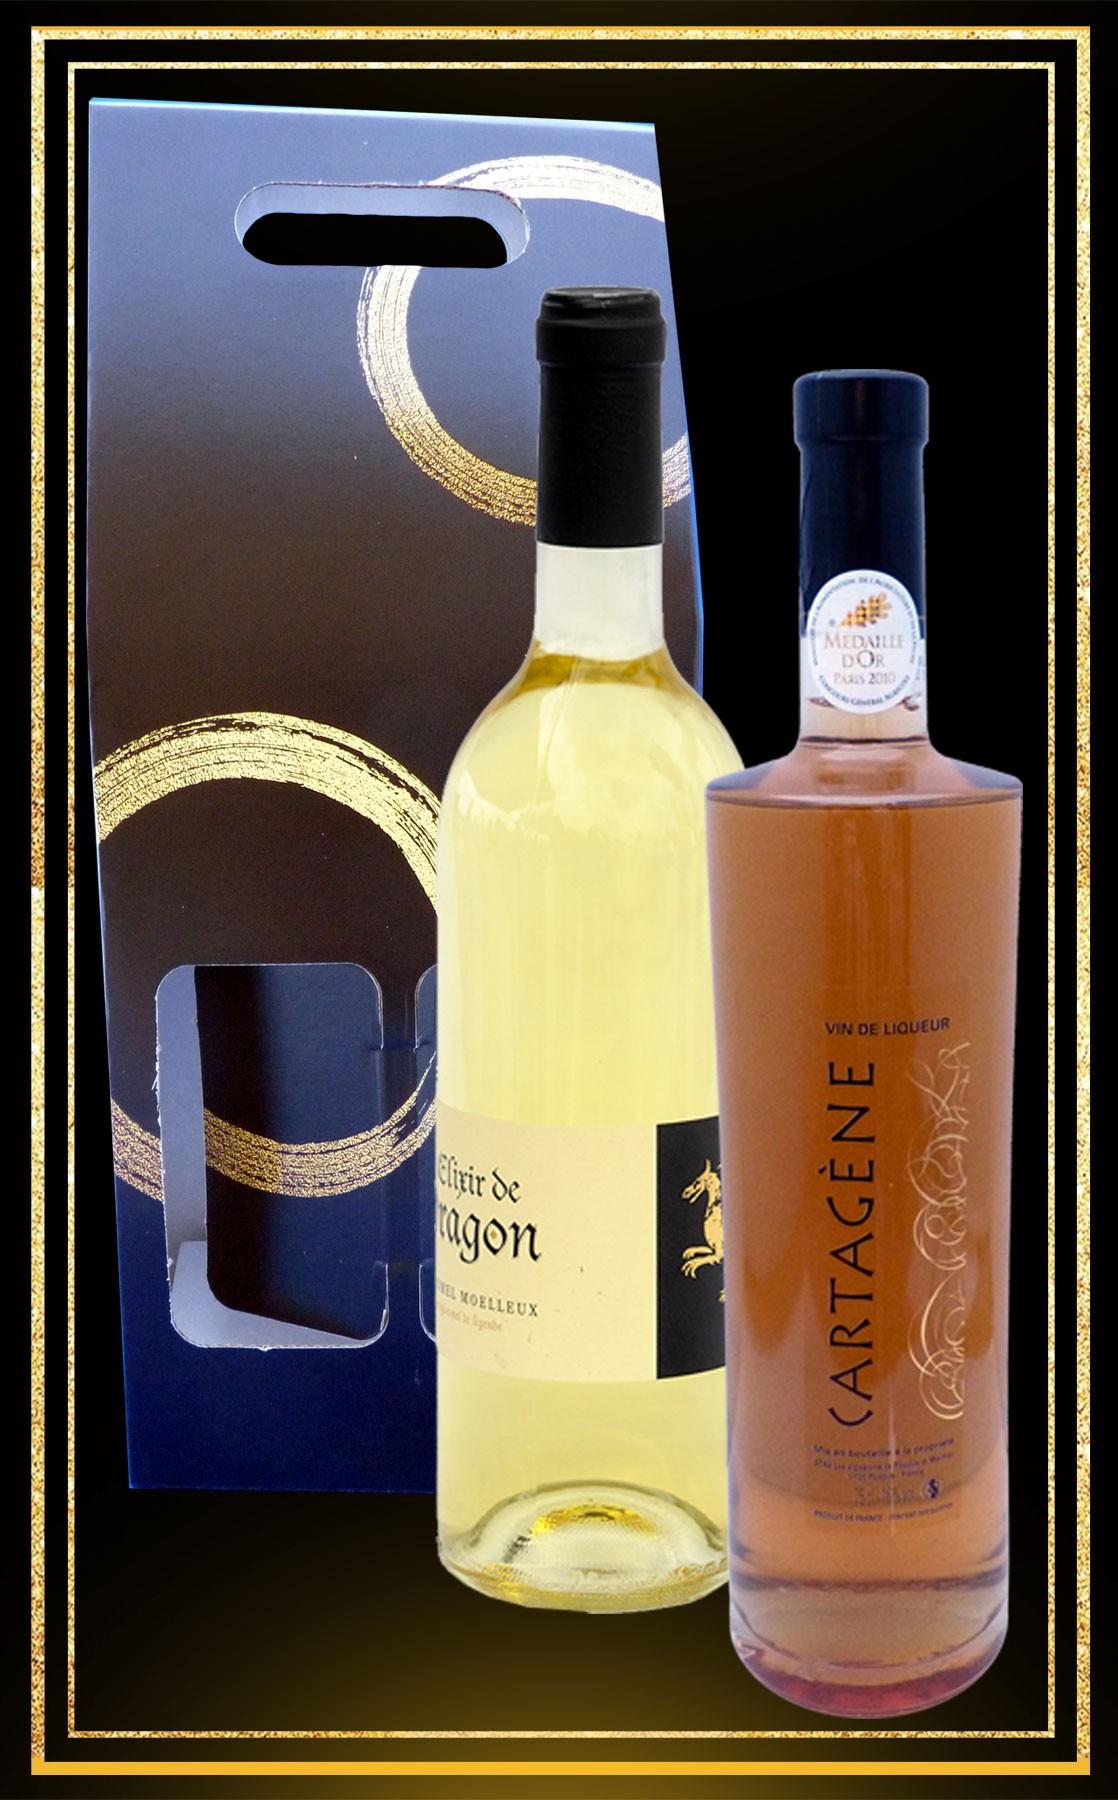 Coffret cadeau Hydromel Elixir du Dragon et Cartagène du Languedoc 75cl